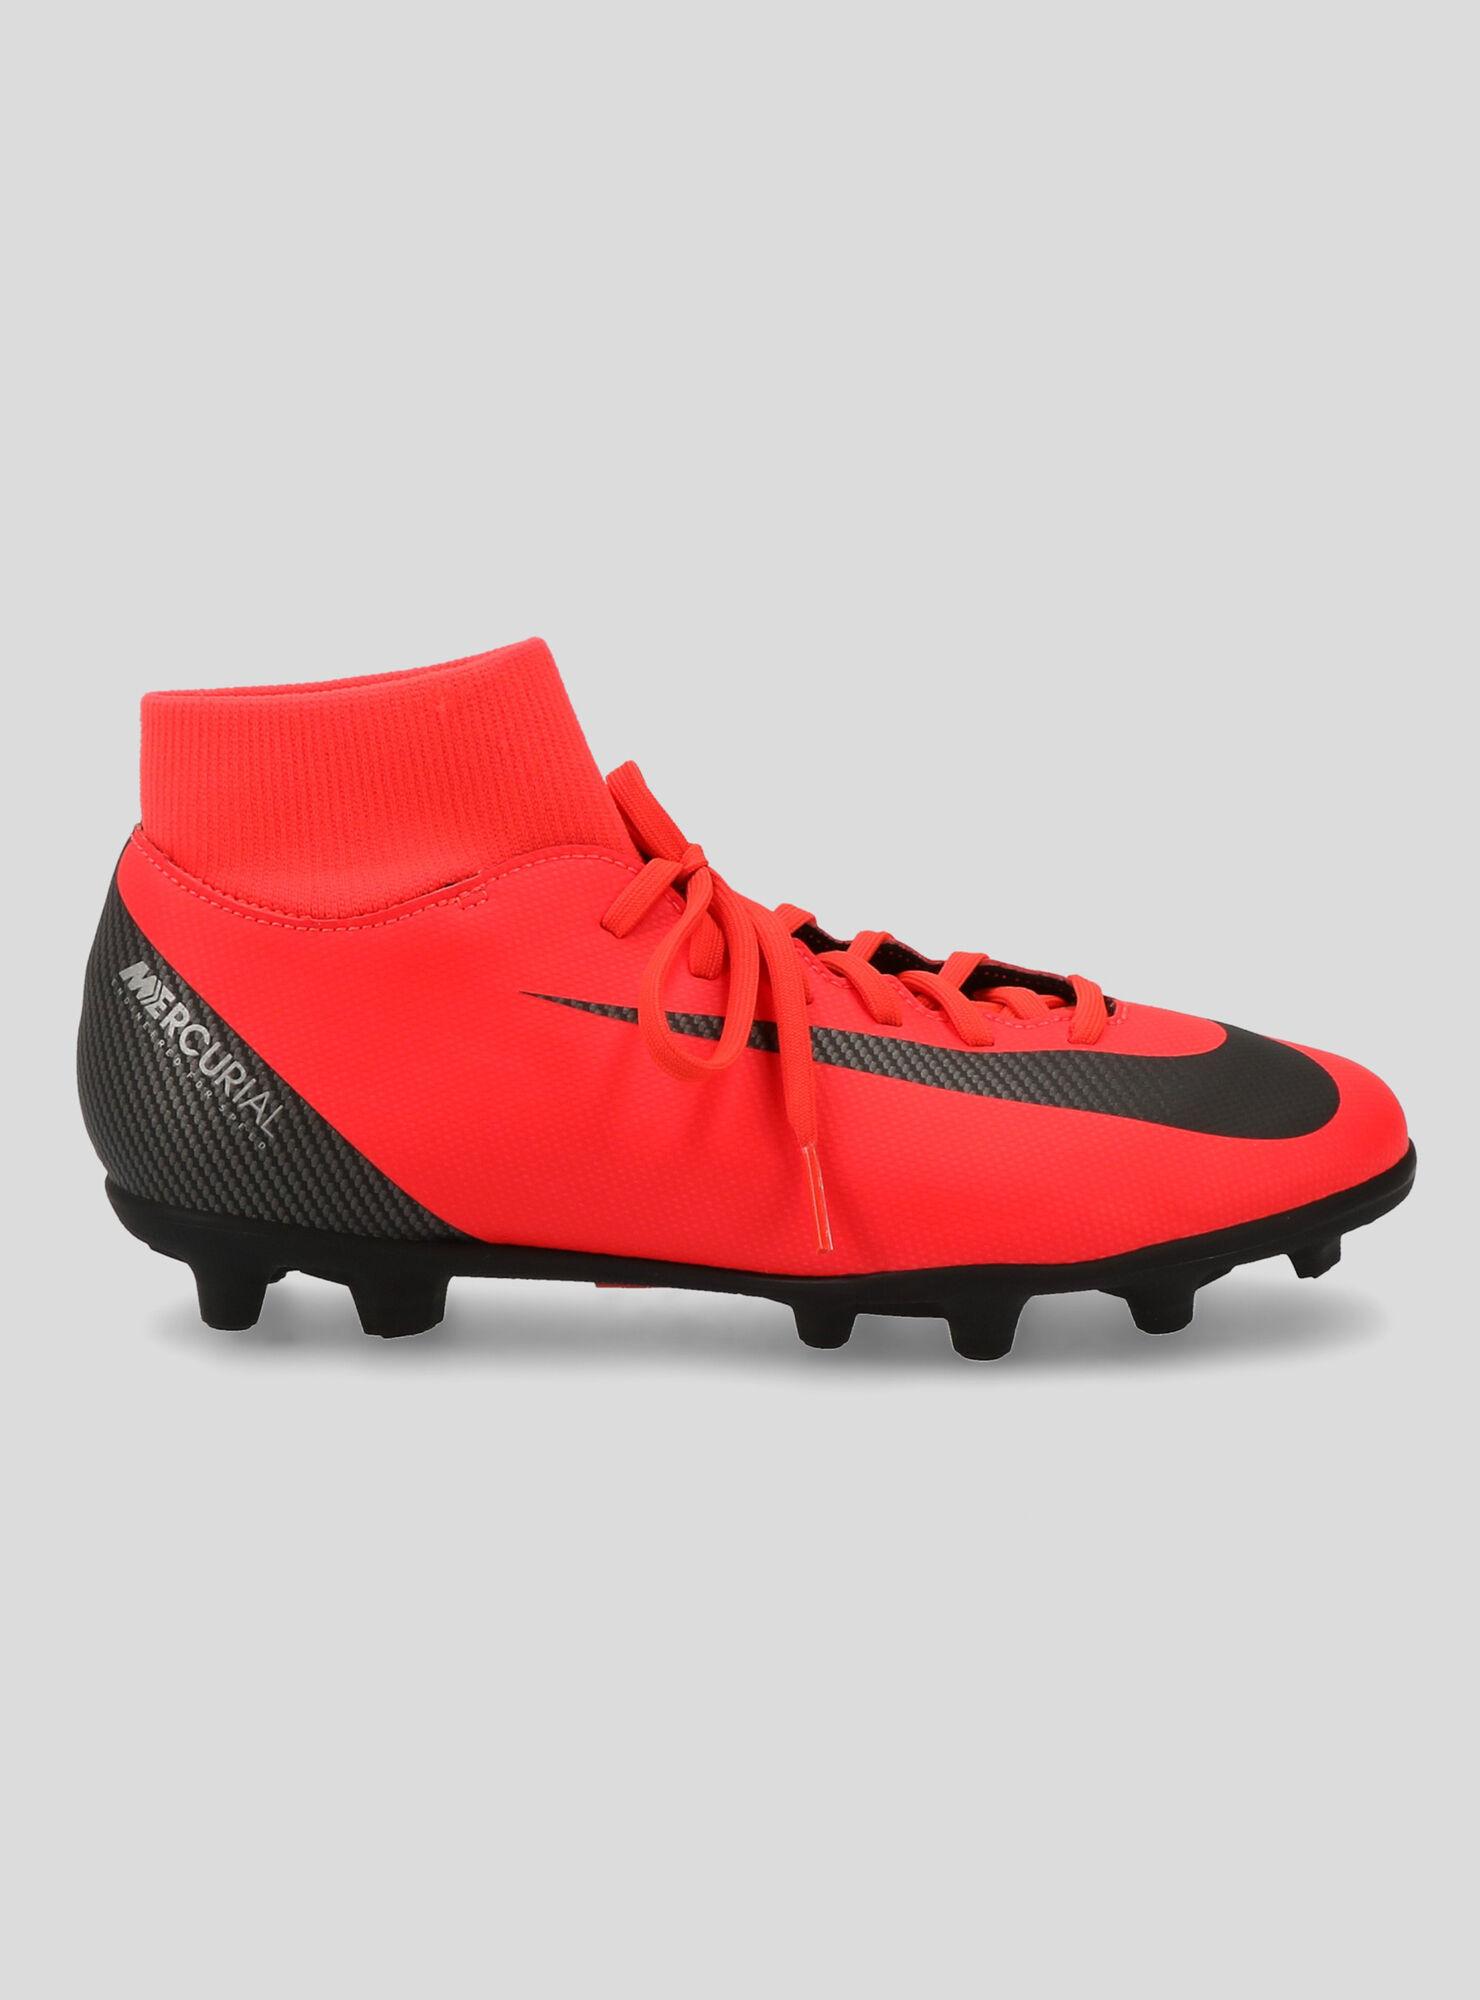 d9de51701a7 Zapatilla Nike Superfly 6 Club Fútbol Hombre - Zapatillas Fútbol